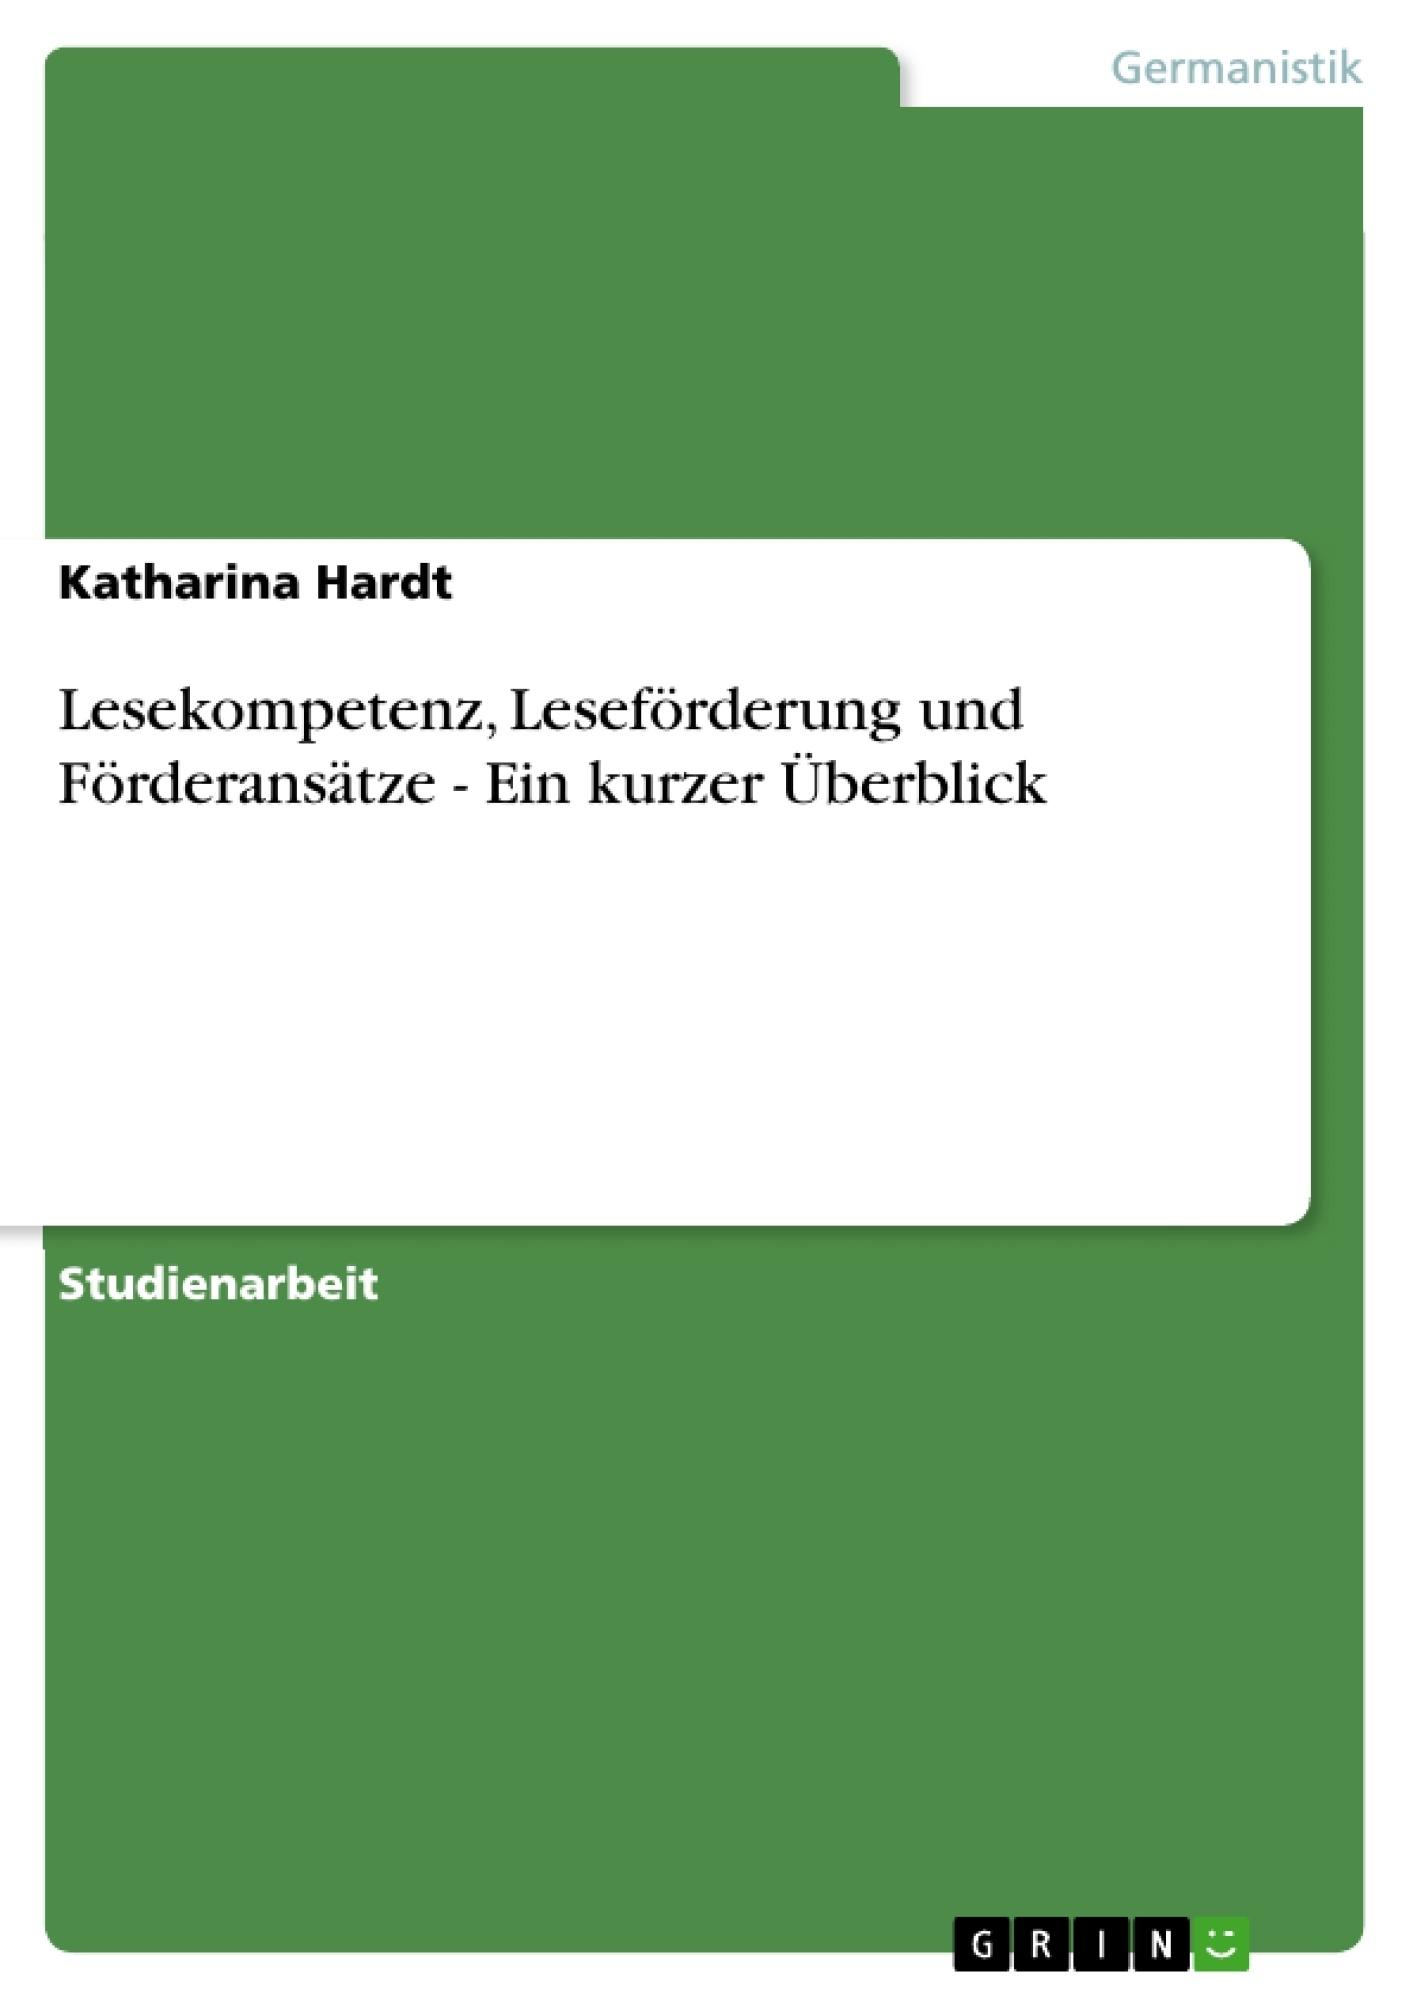 Titel: Lesekompetenz, Leseförderung und Förderansätze - Ein kurzer Überblick